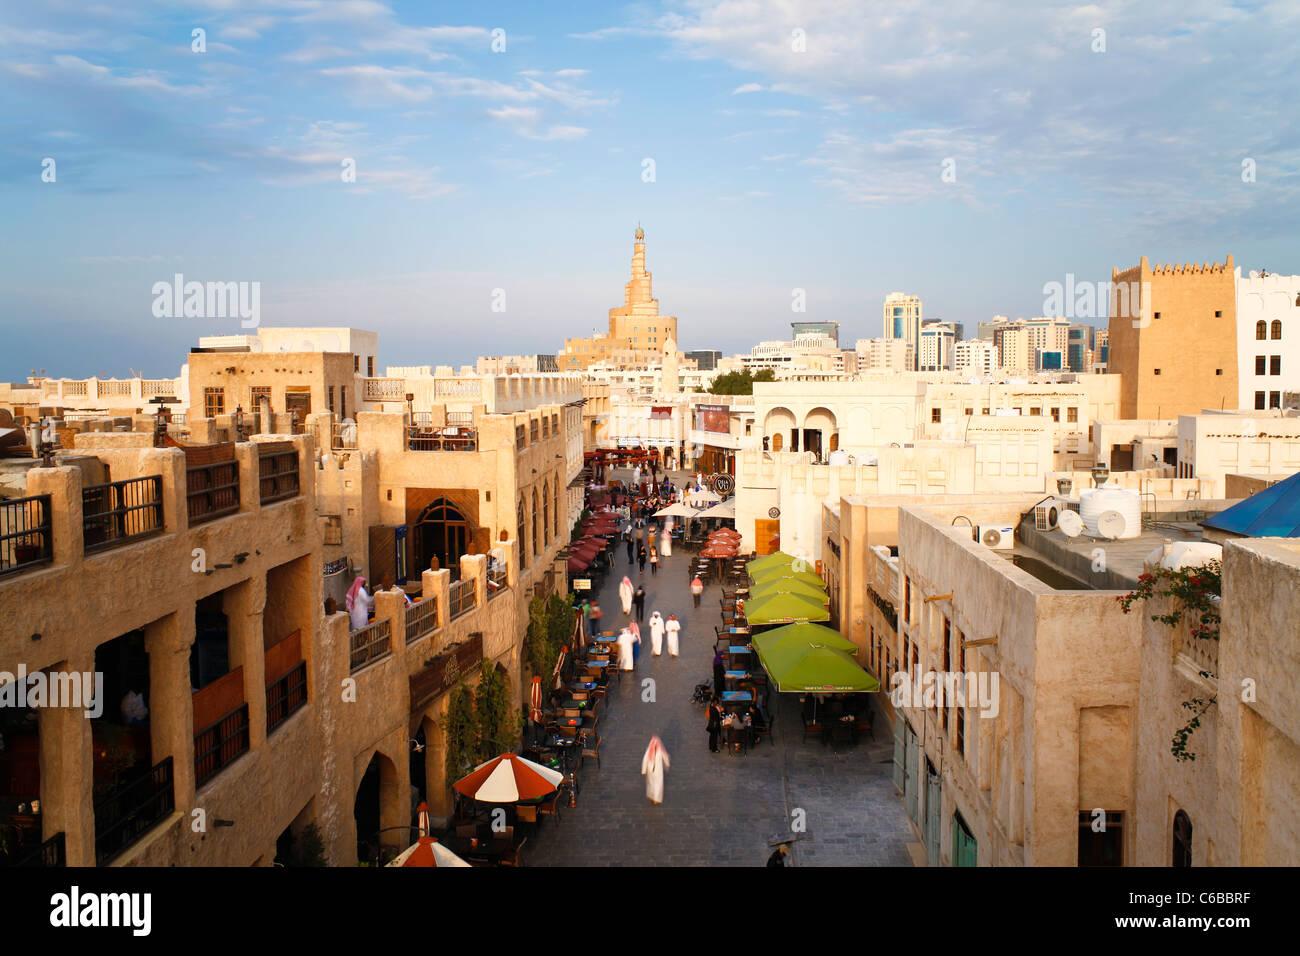 Il Qatar, il Medio Oriente e penisola arabica, Doha, il restaurato Souq Waqif Immagini Stock